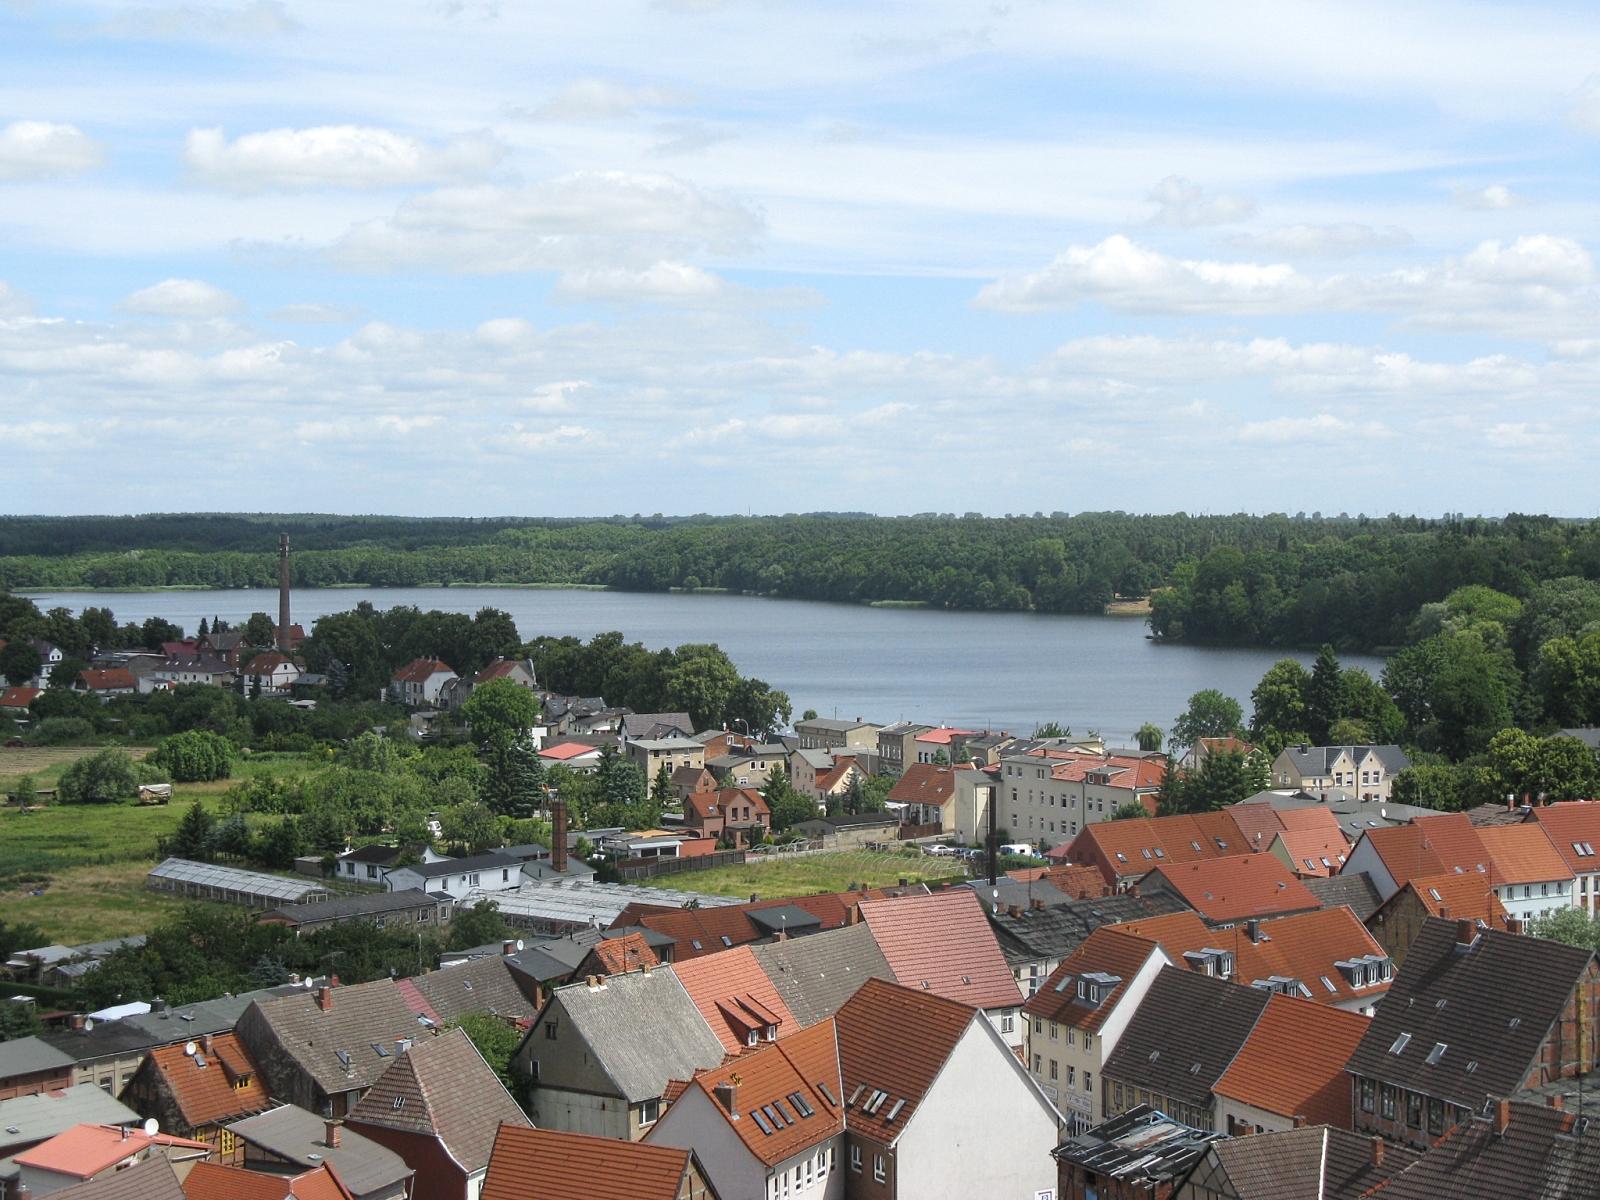 Wockersee